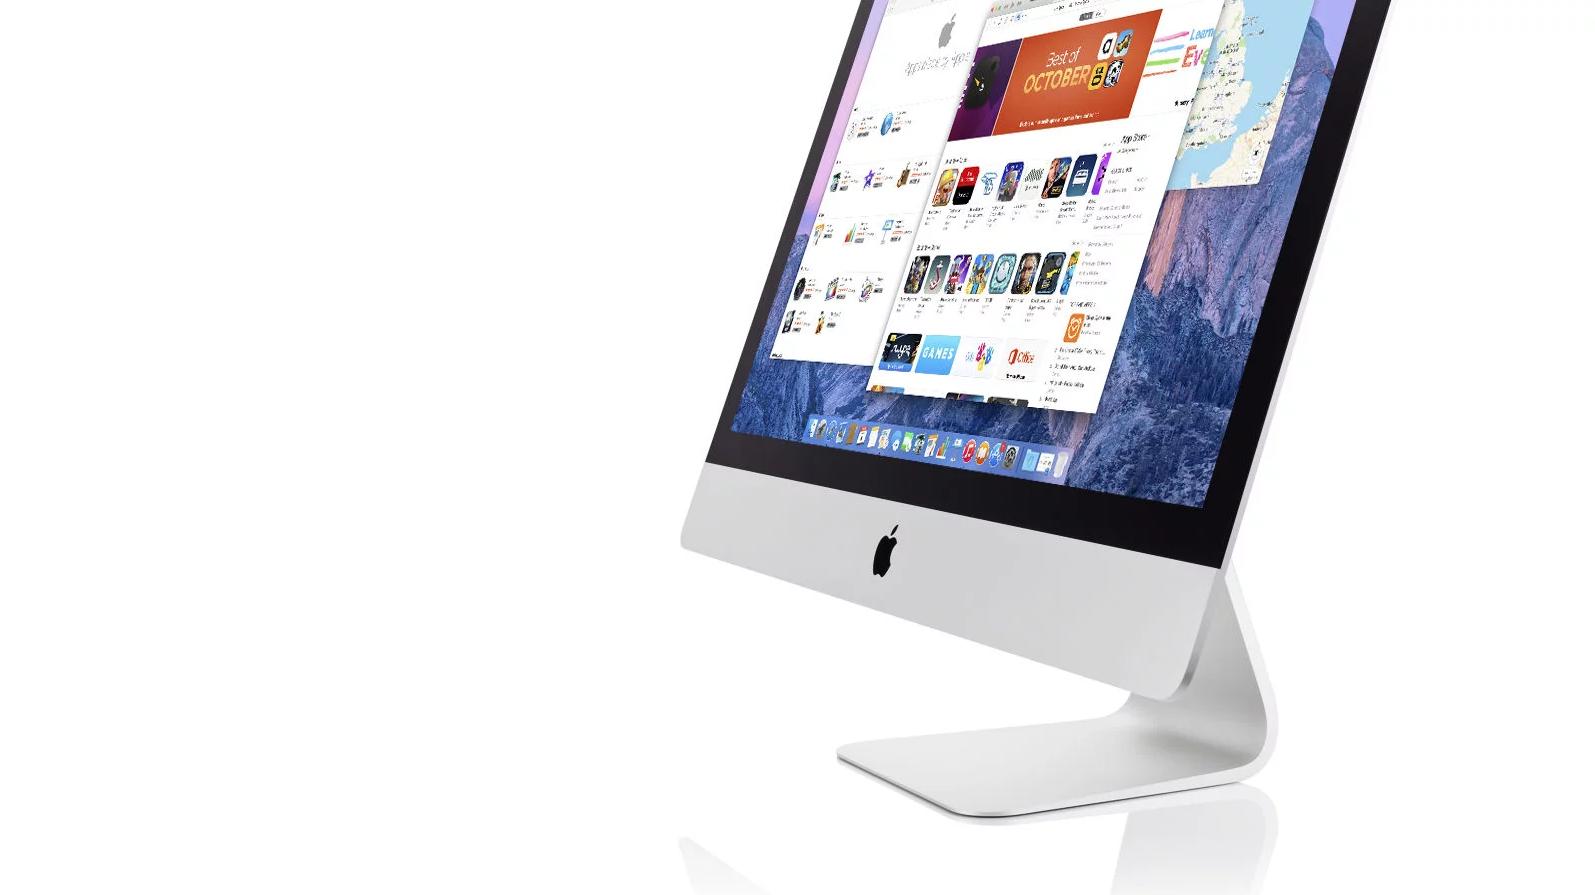 iMac (27-inch)